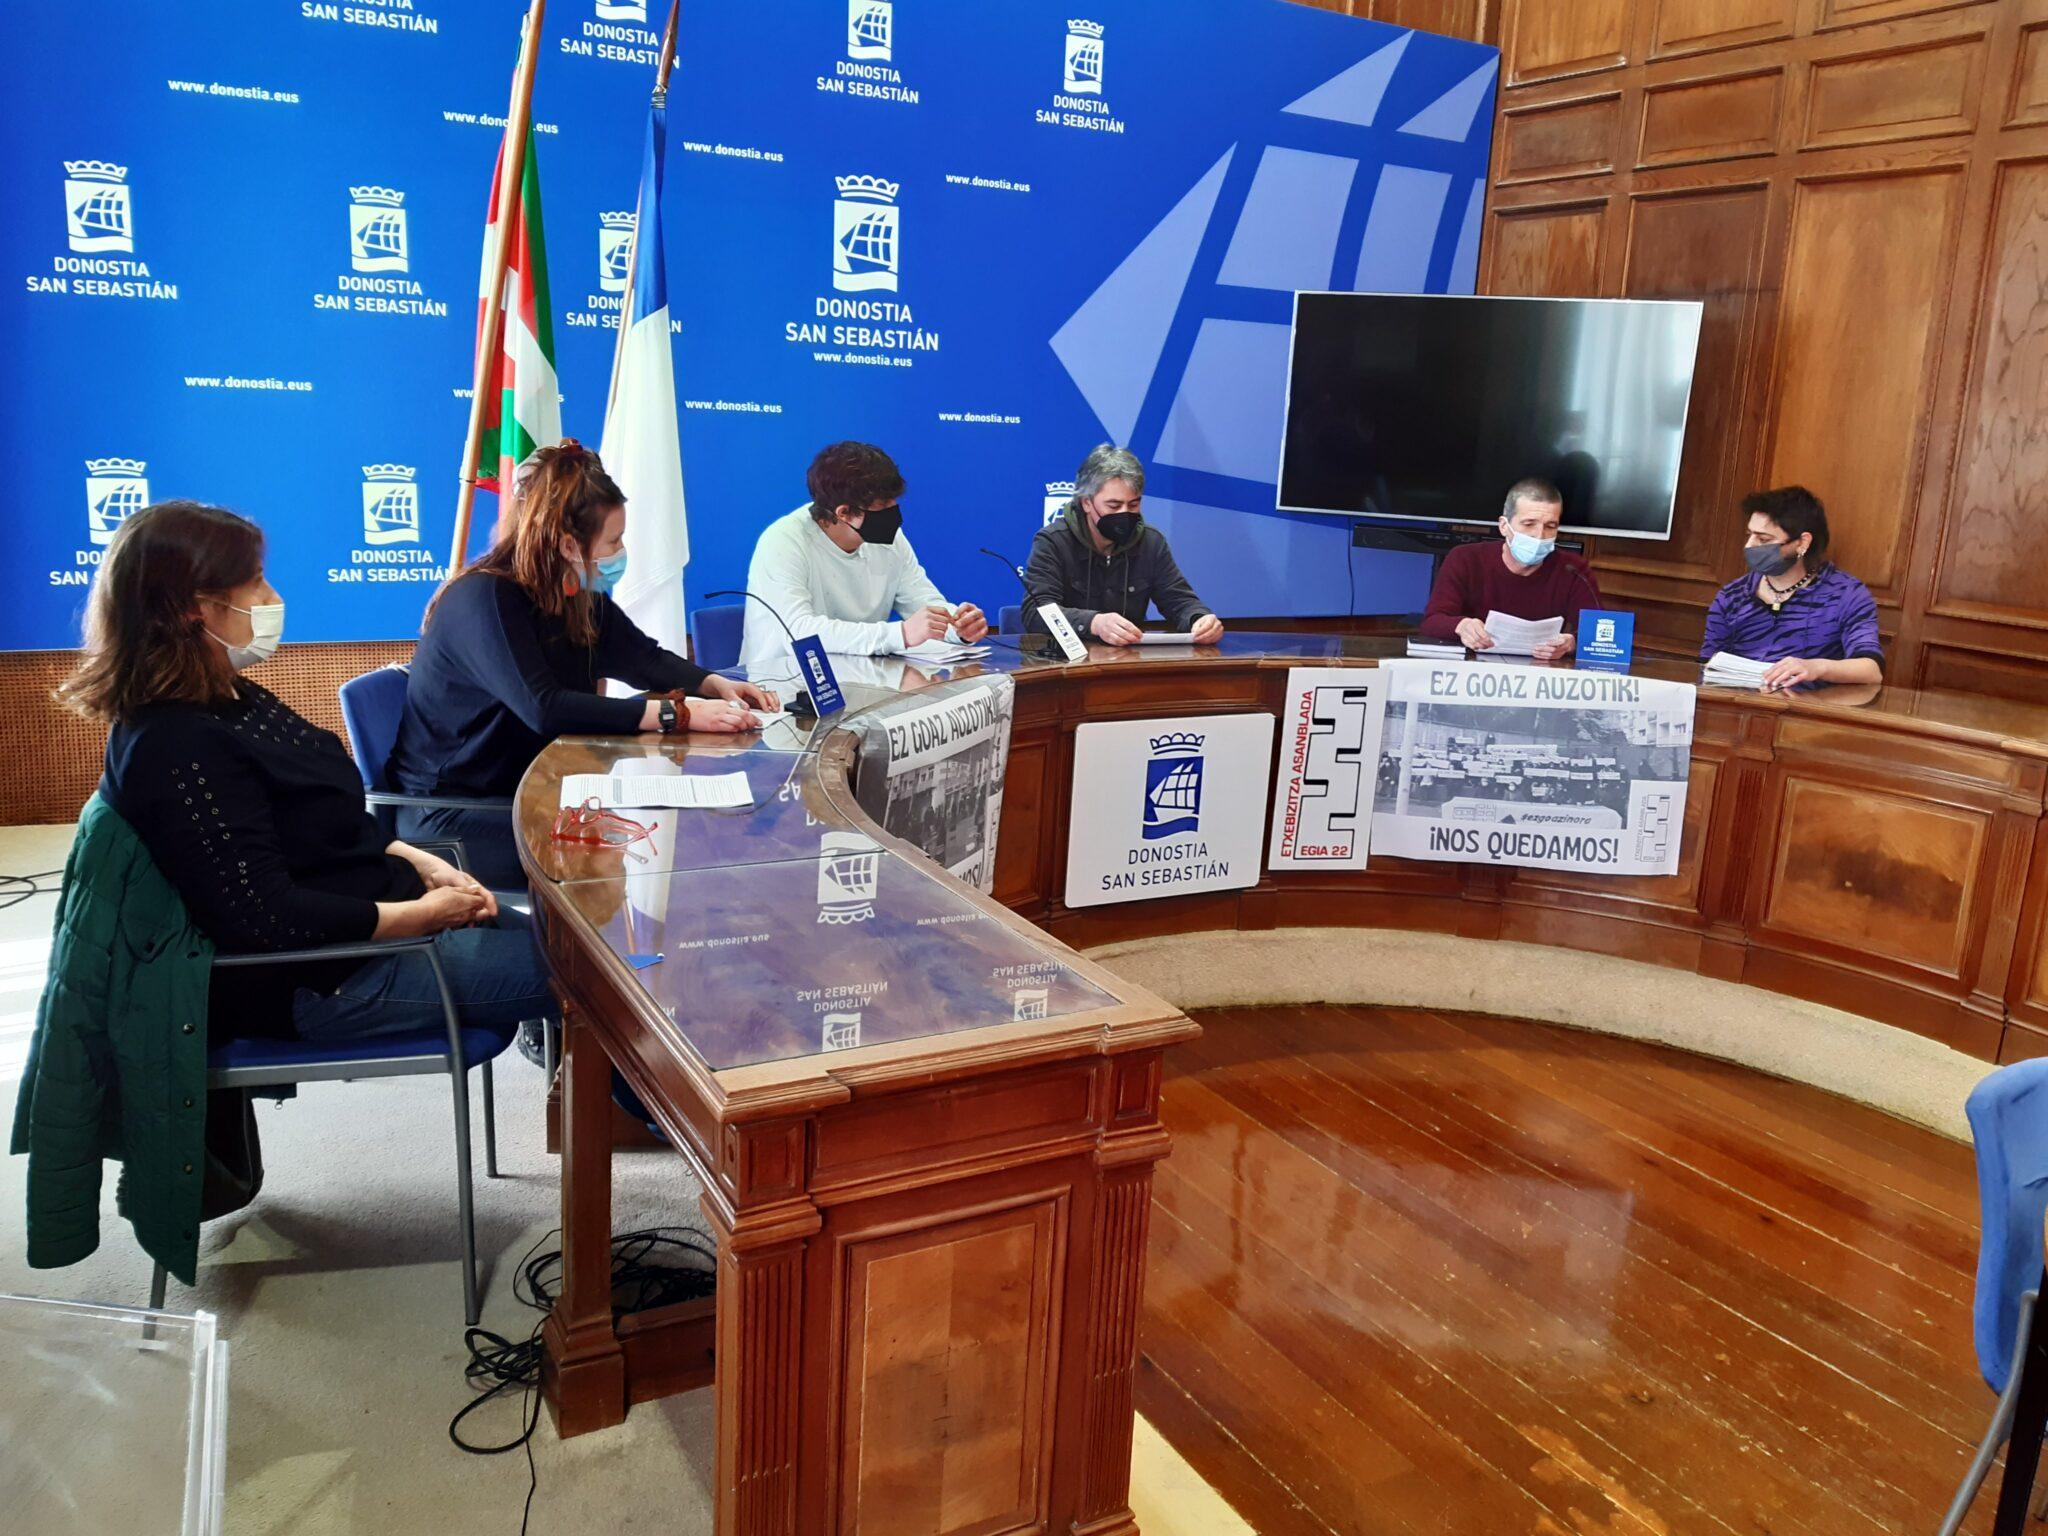 Afectados por la situación de los vecinos de Egia 22. Foto: EH Bildu